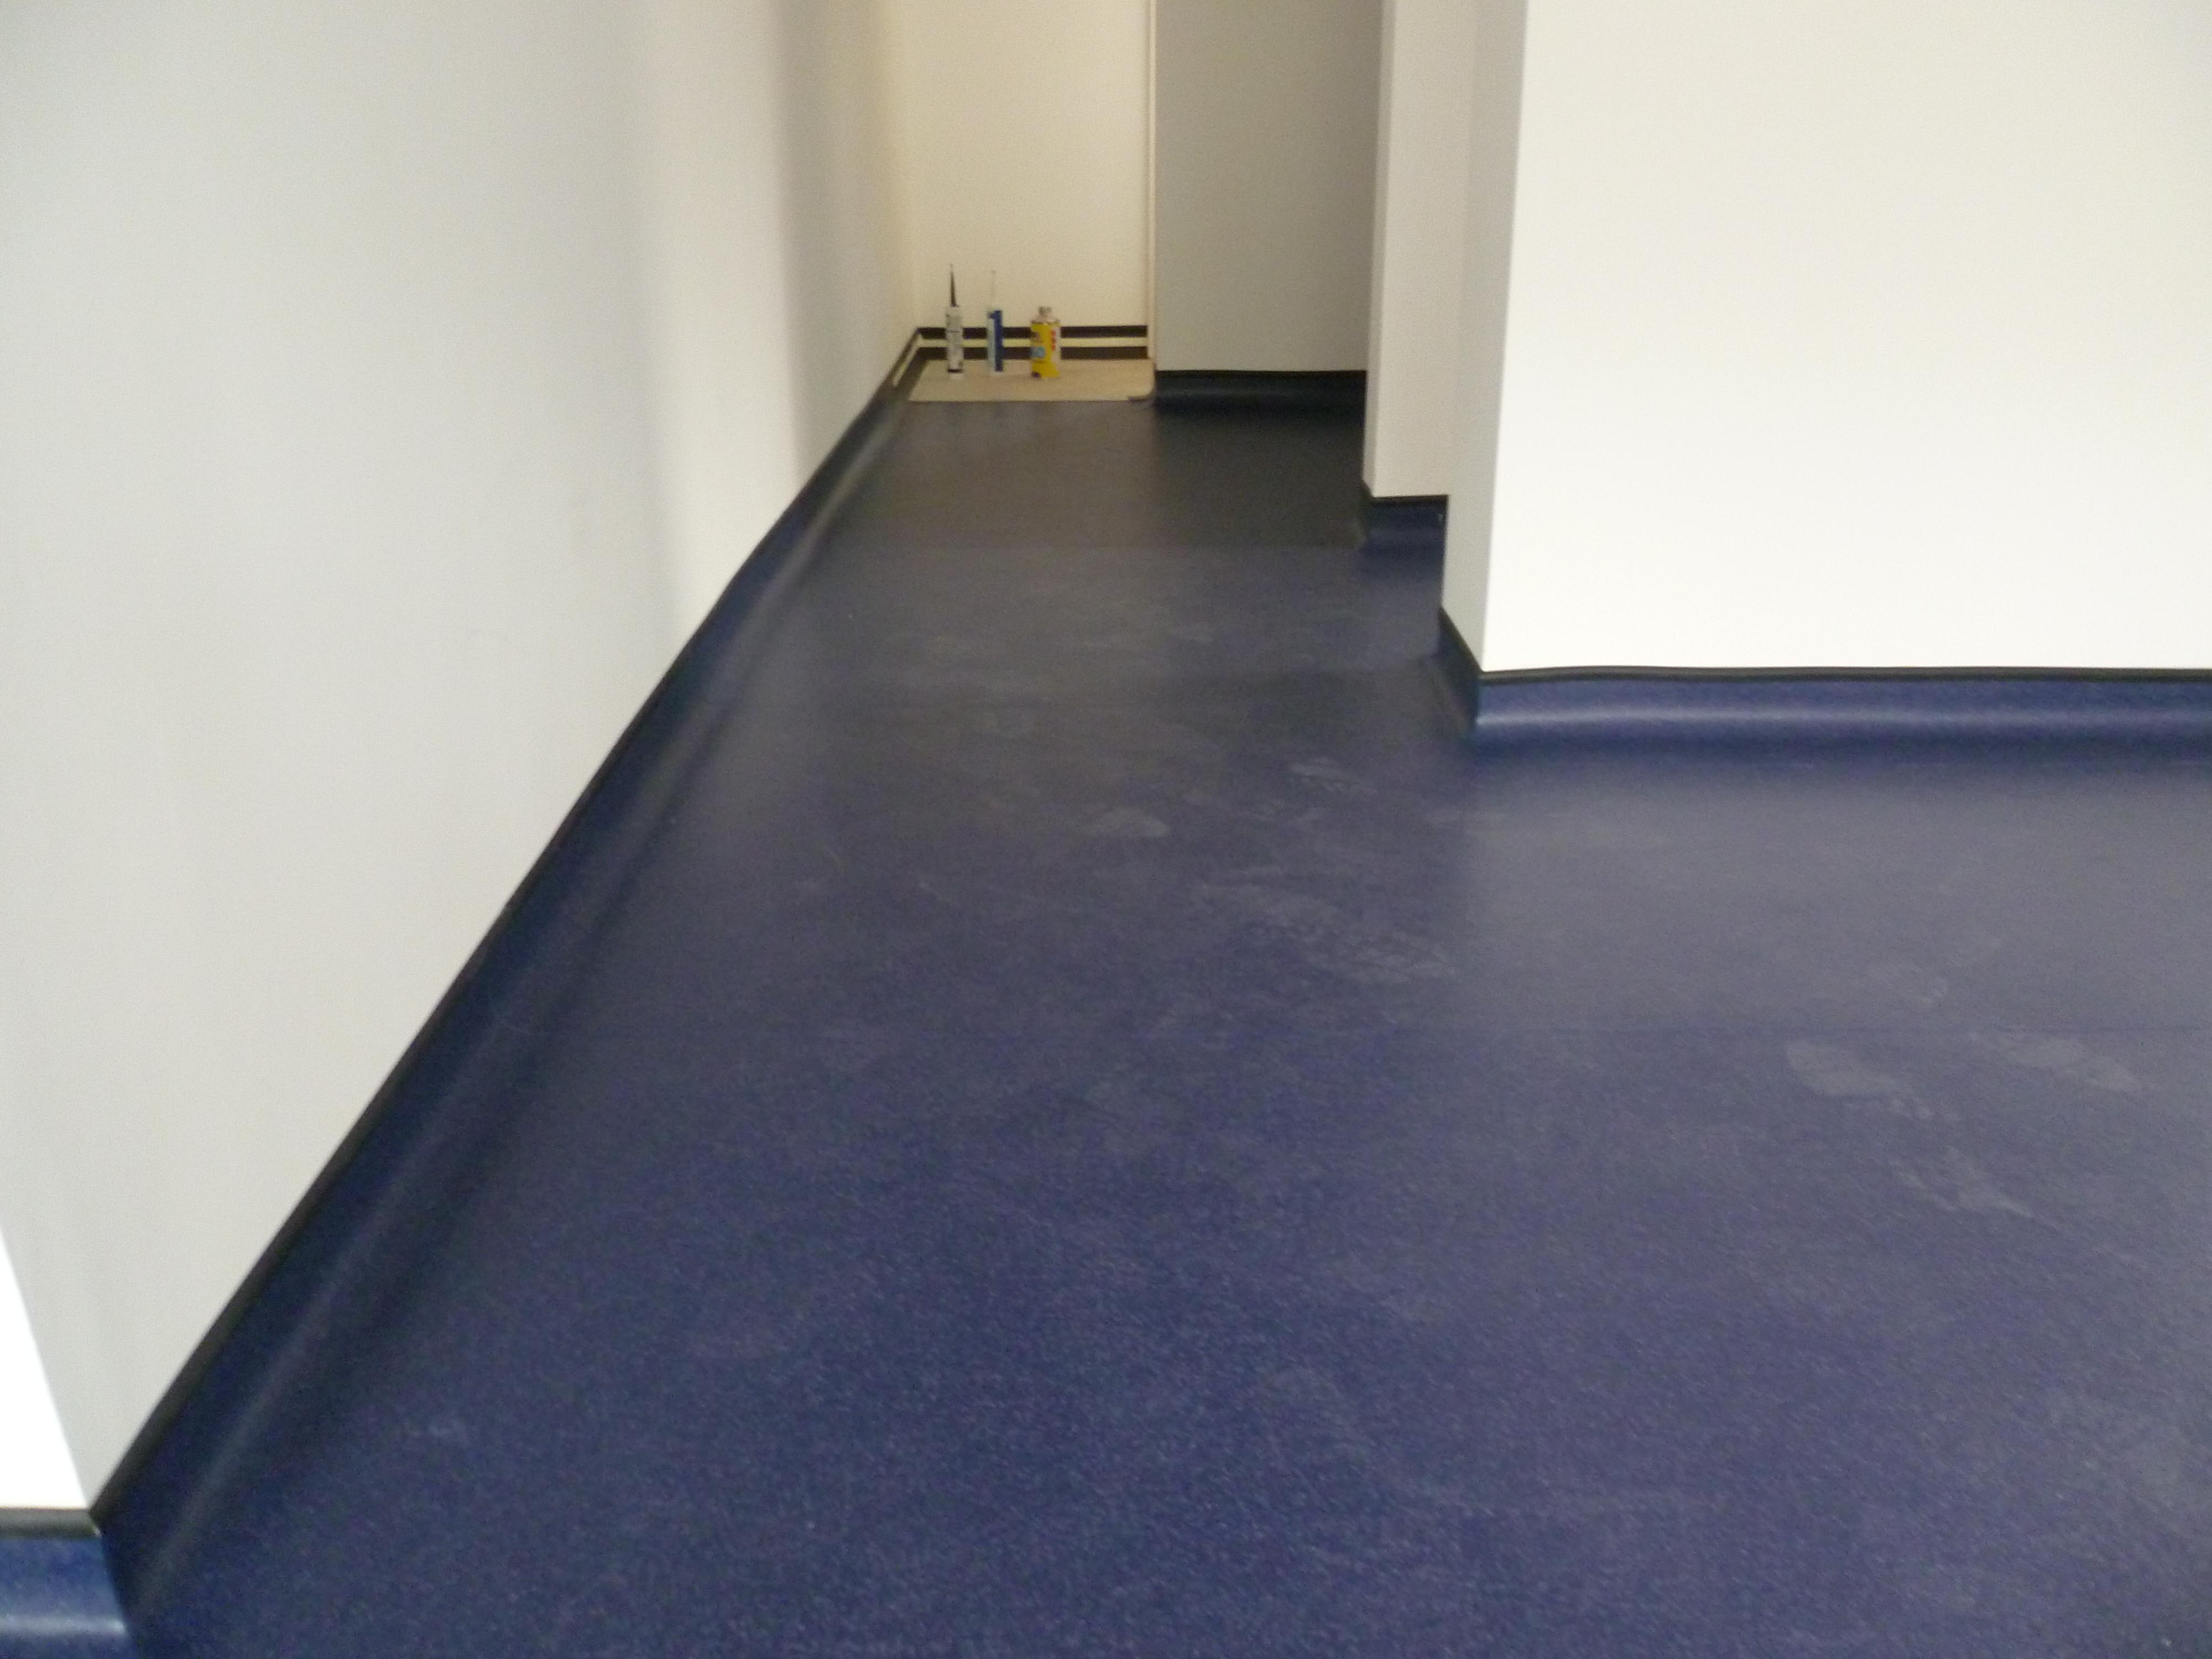 commercial vinyl flooring commercial vinyl plank flooring shaw cover commercial commercial vinyl  plank flooring glue AVVKSYD